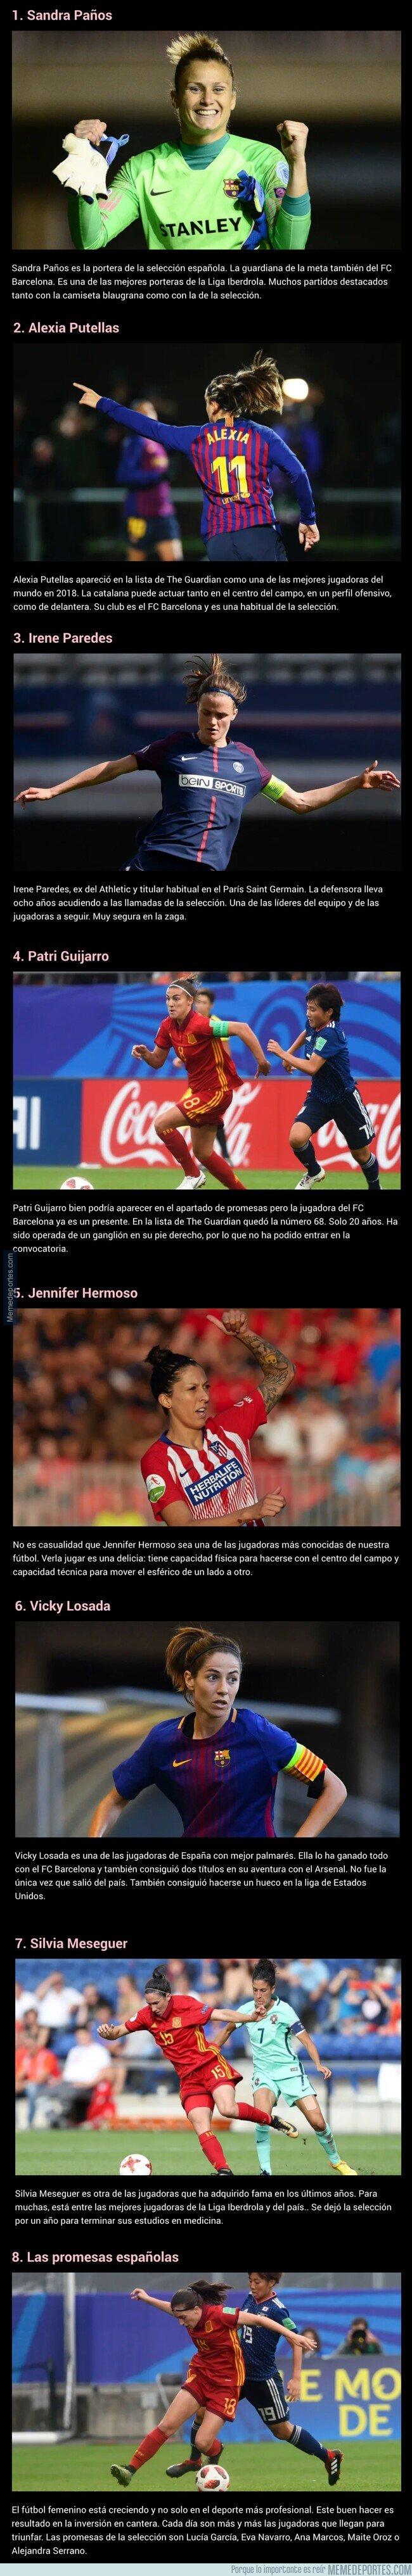 1069629 - ¿Conoces a las mejores jugadoras de la selección española femenina de fútbol? Aquí las tienes